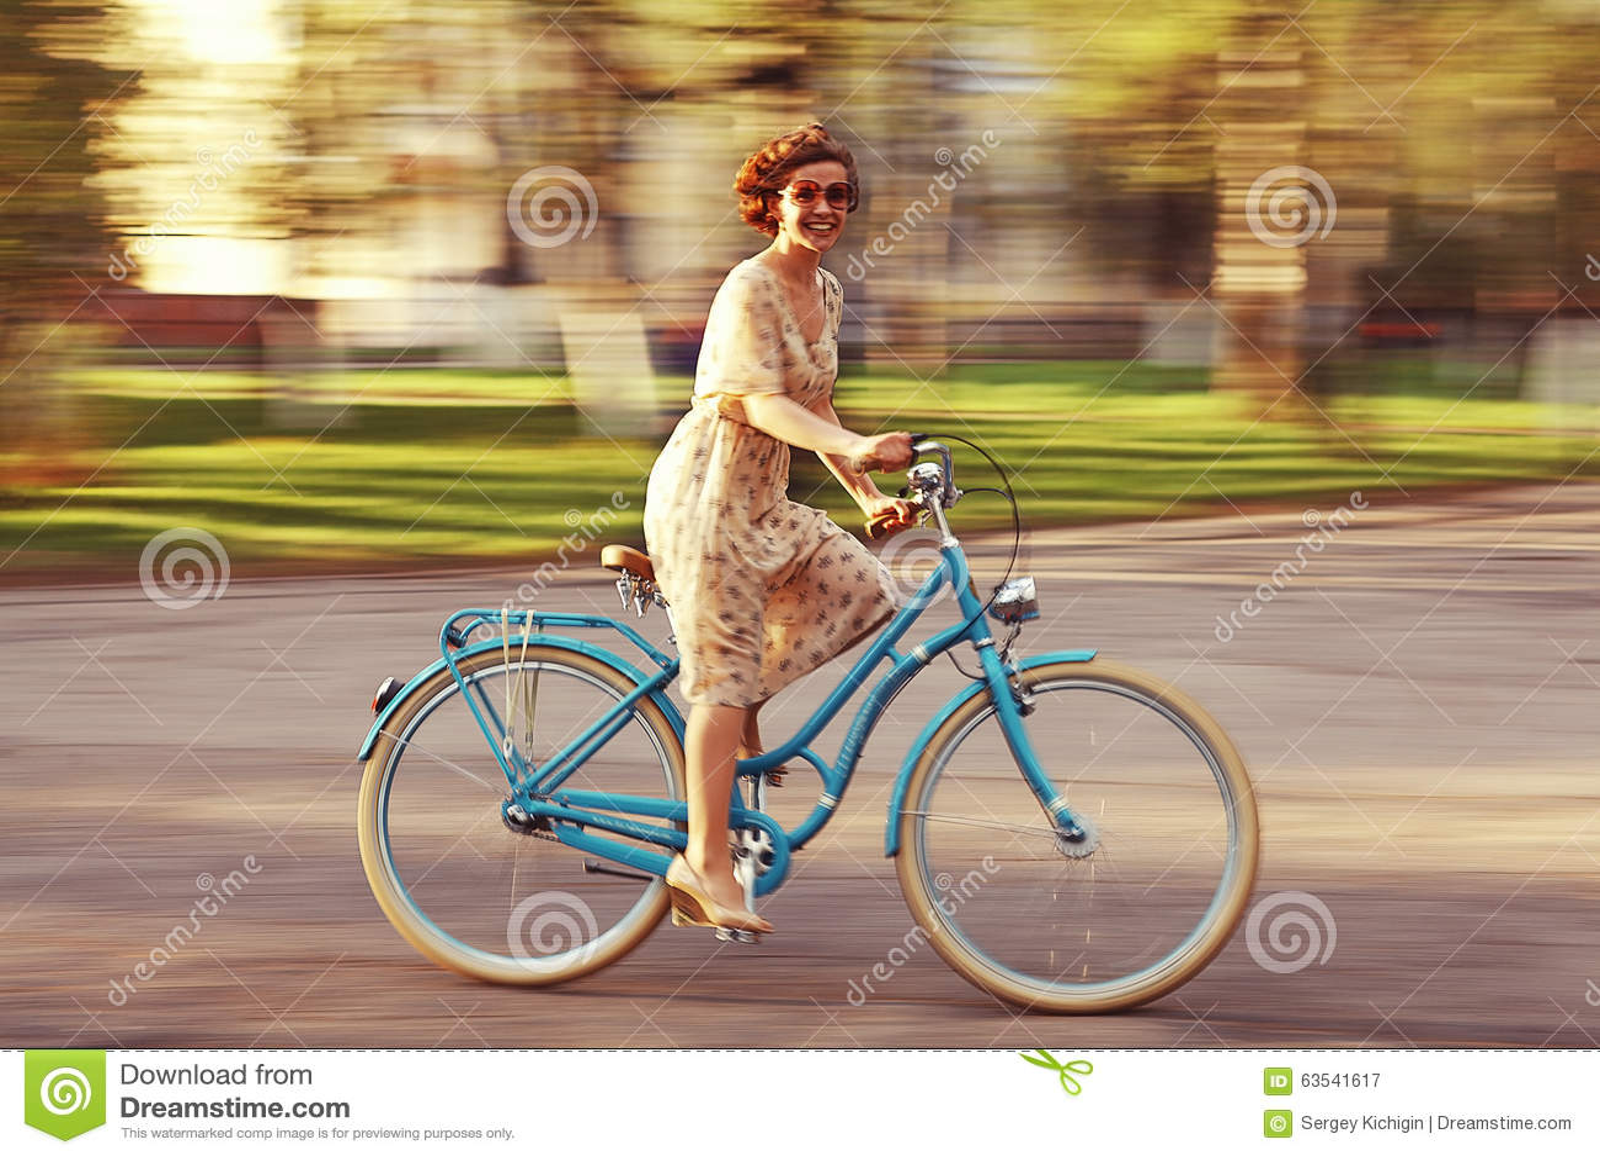 Жизнерадостная девушка на велосипеде